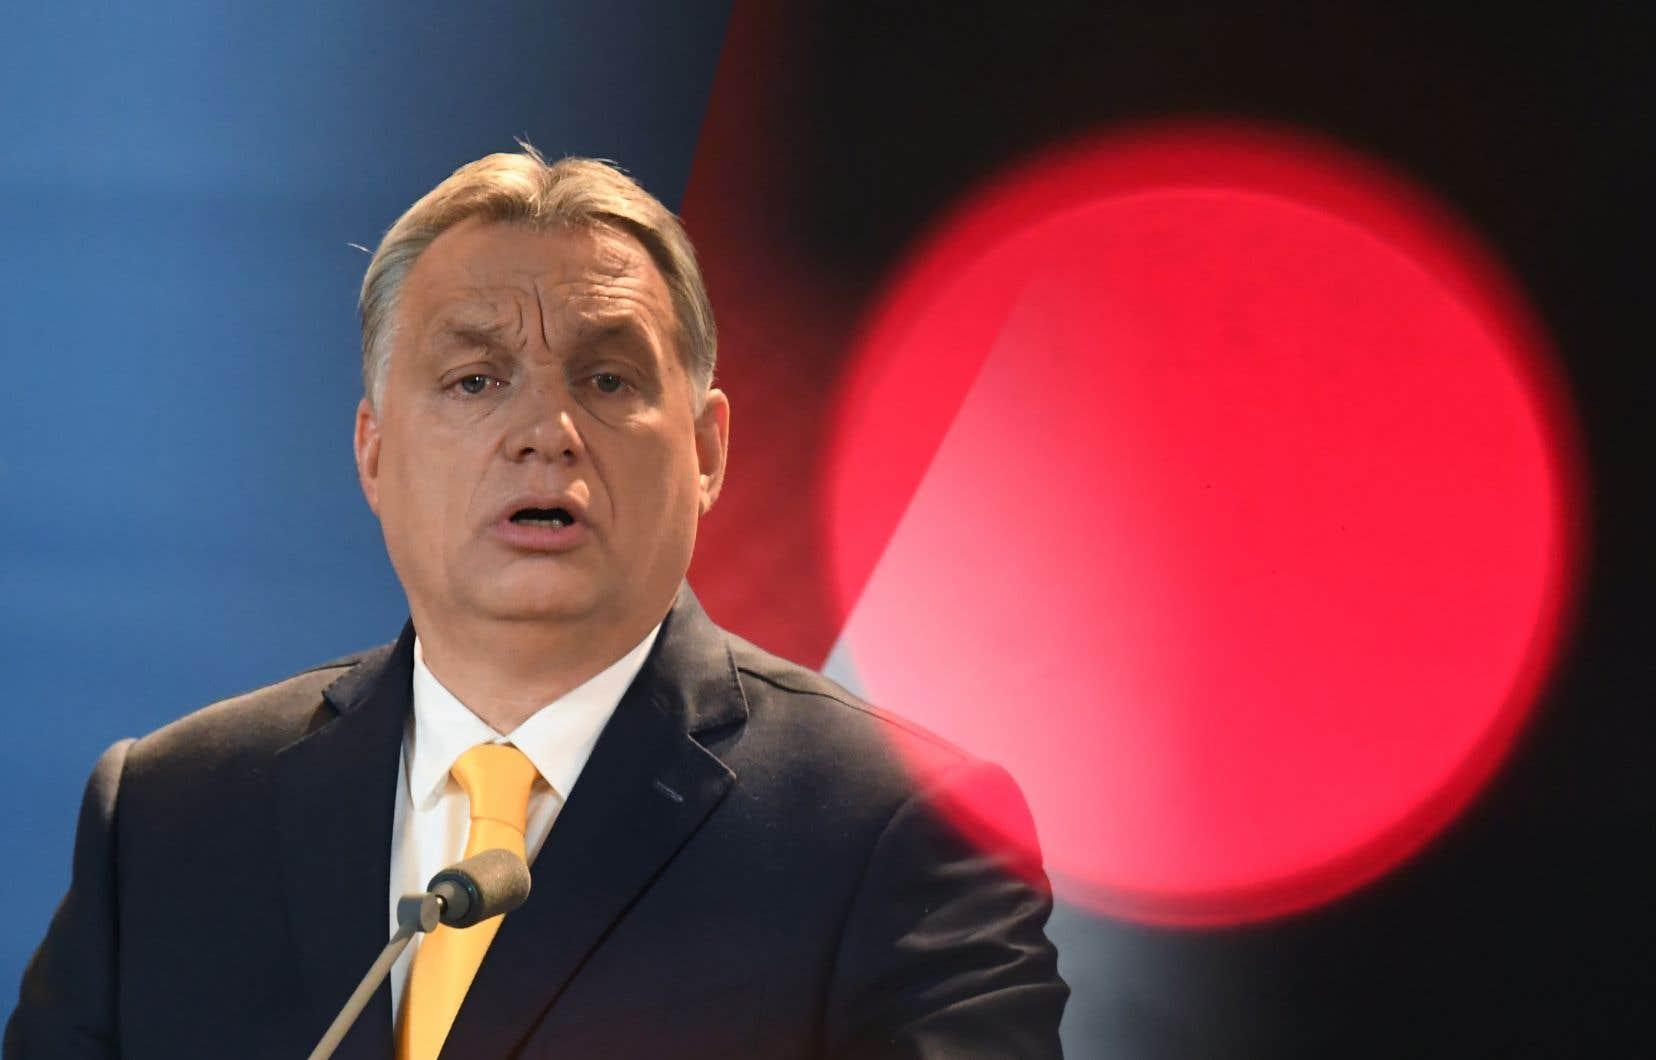 Le premier ministre conservateur de la Hongrie, Viktor Orbán